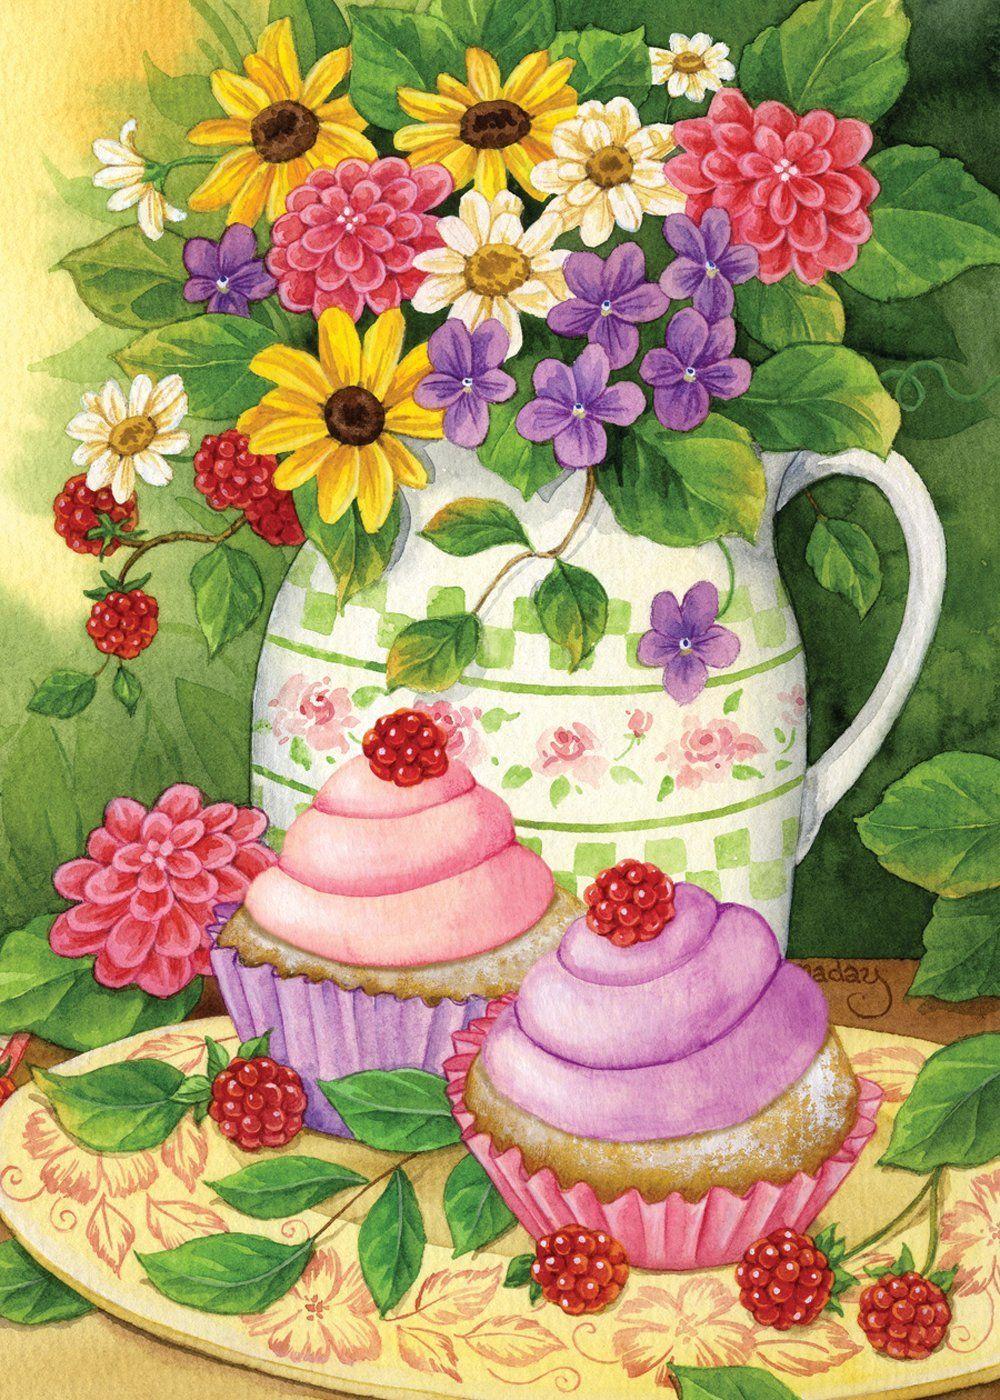 Amazon.com : Toland Home Garden 112562 Garden Cupcakes Decorative ...